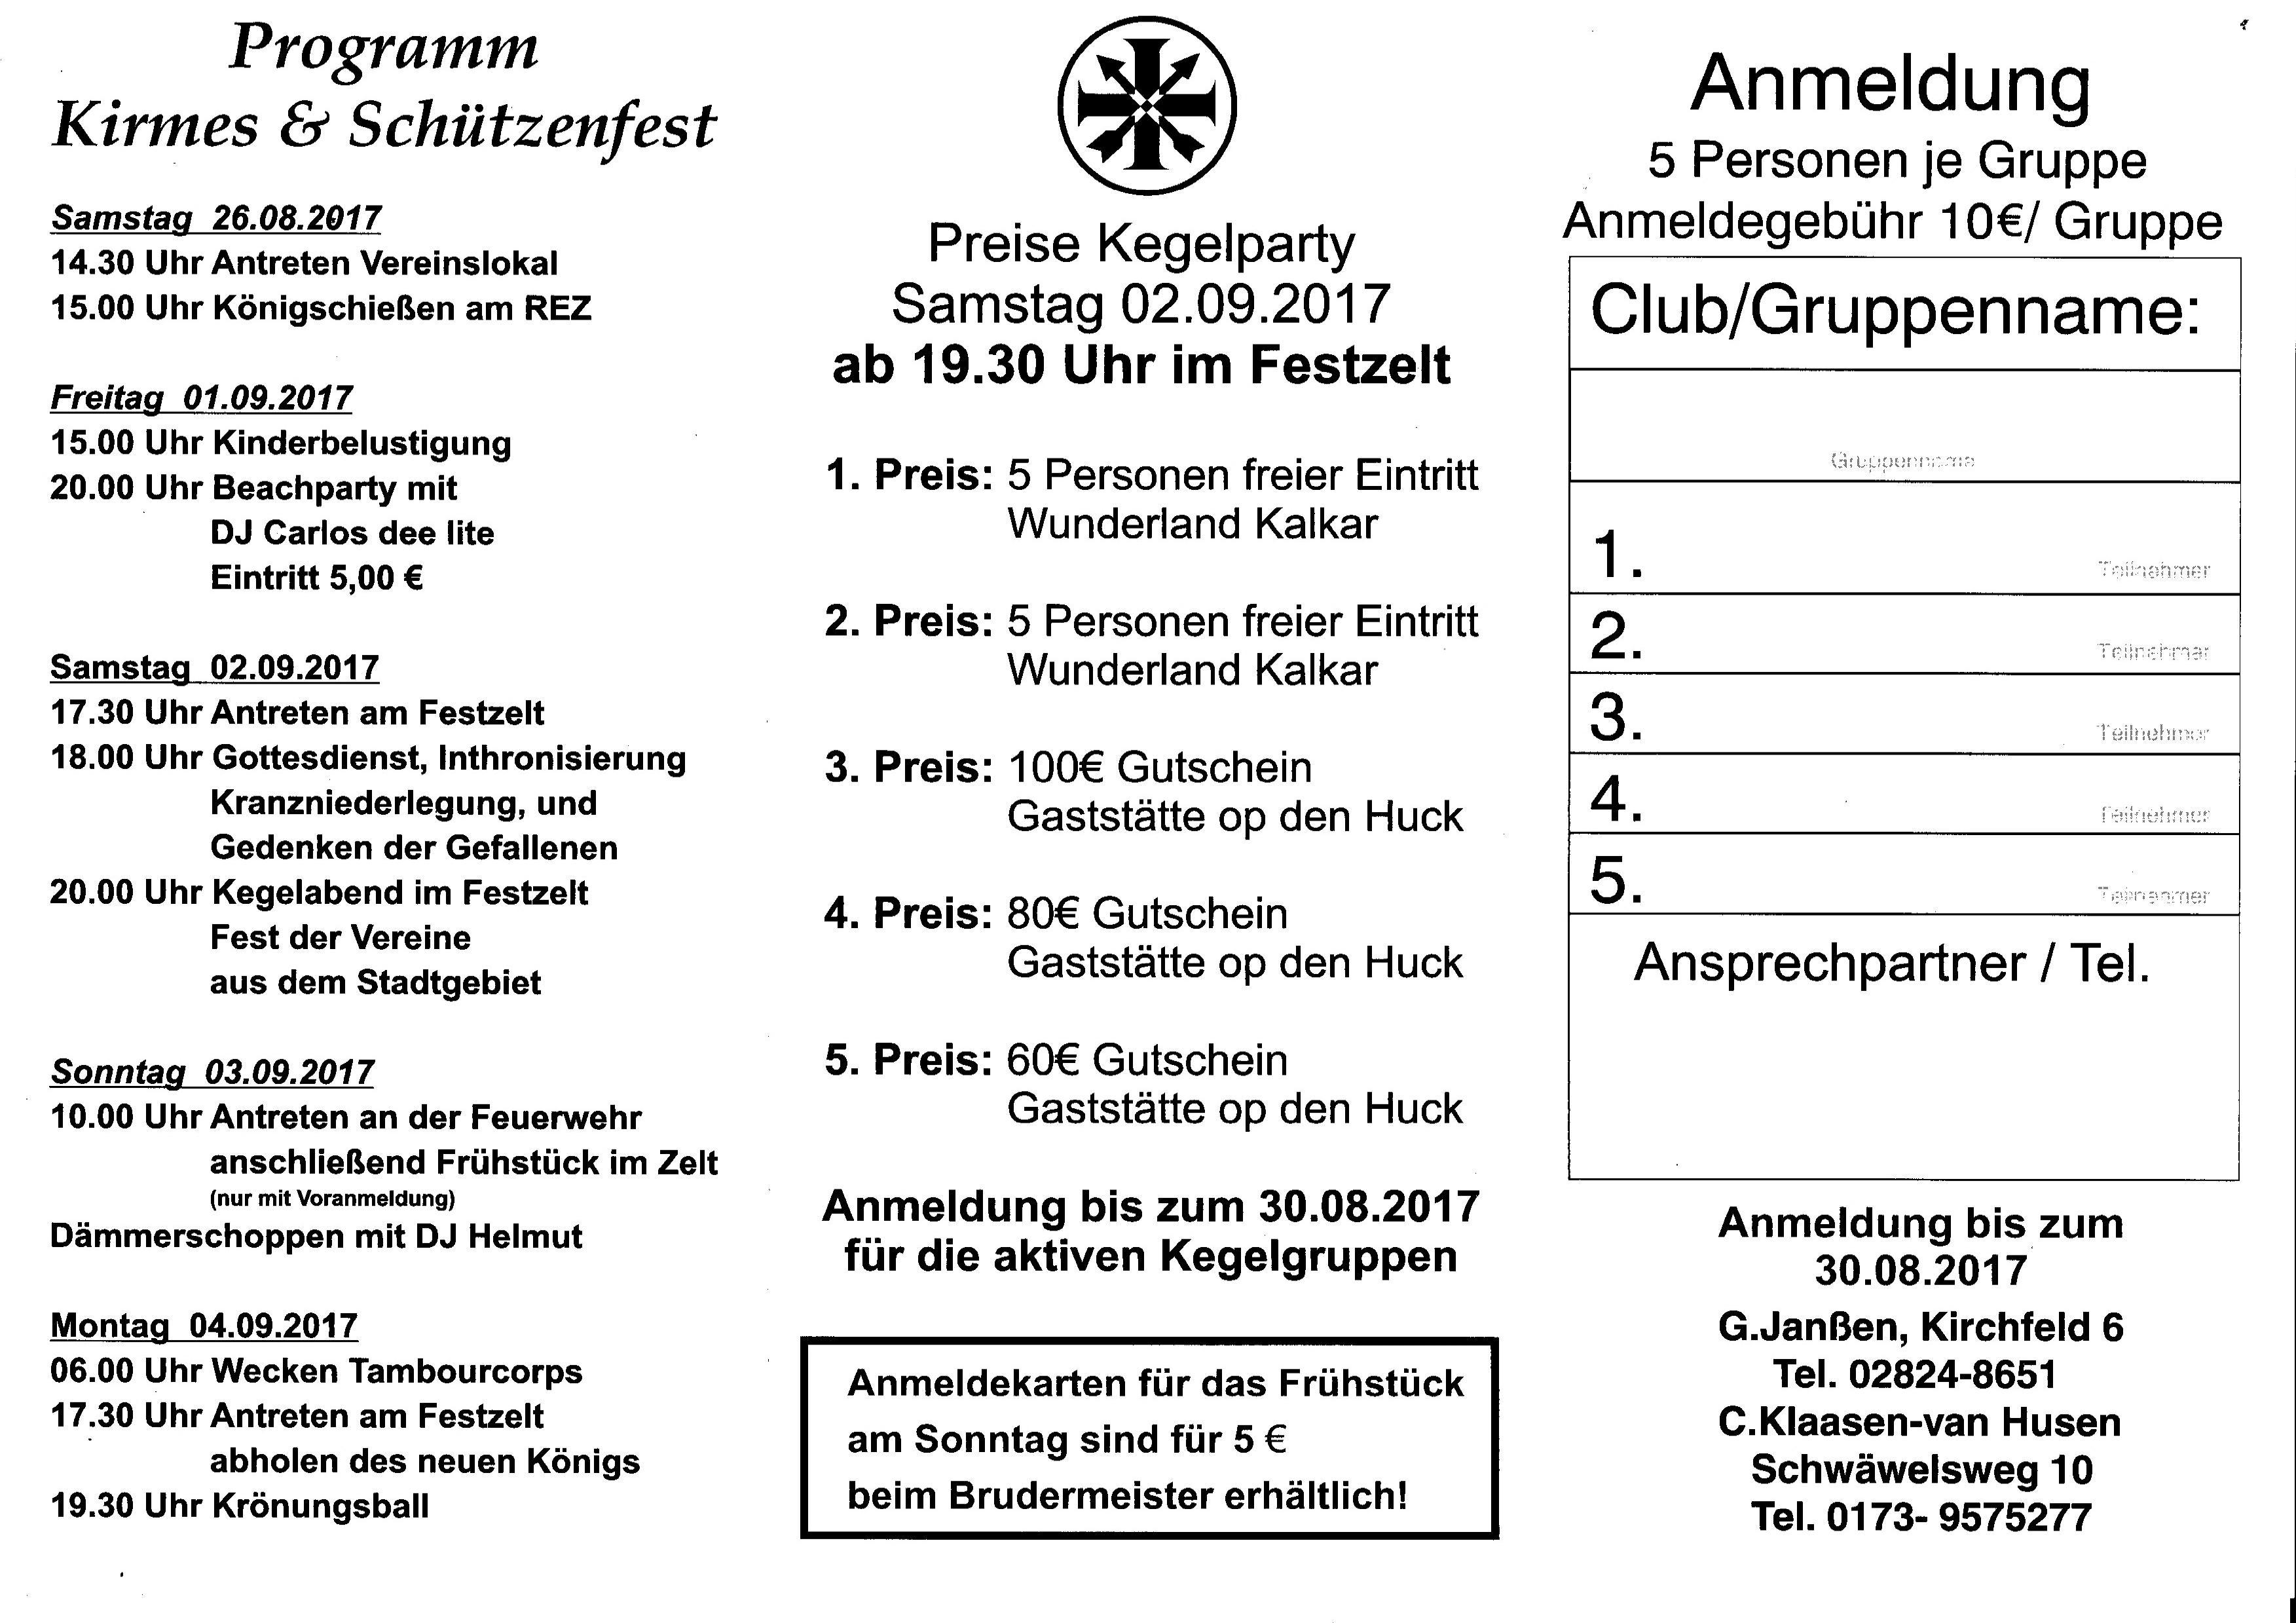 Kirmesprogramm-2017